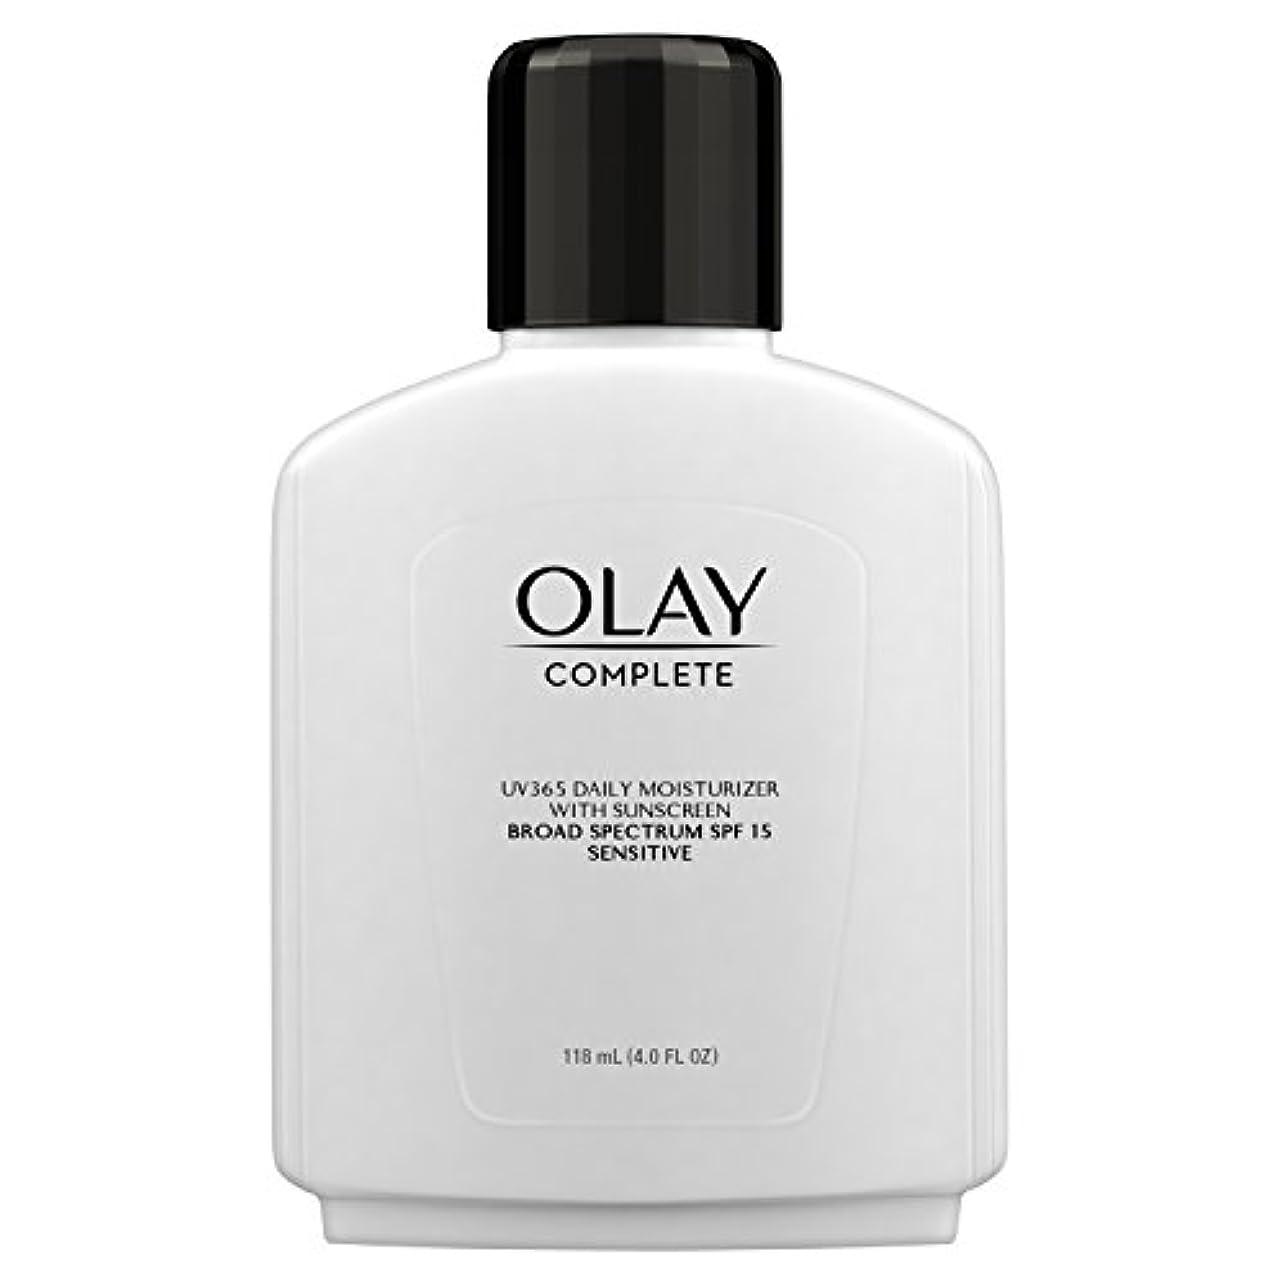 川花放棄するOlay Complete All Day Moisture Lotion UV Defense SPF 15, Sensitive Skin, 4 fl oz (118 ml) (1 pack) (並行輸入品)